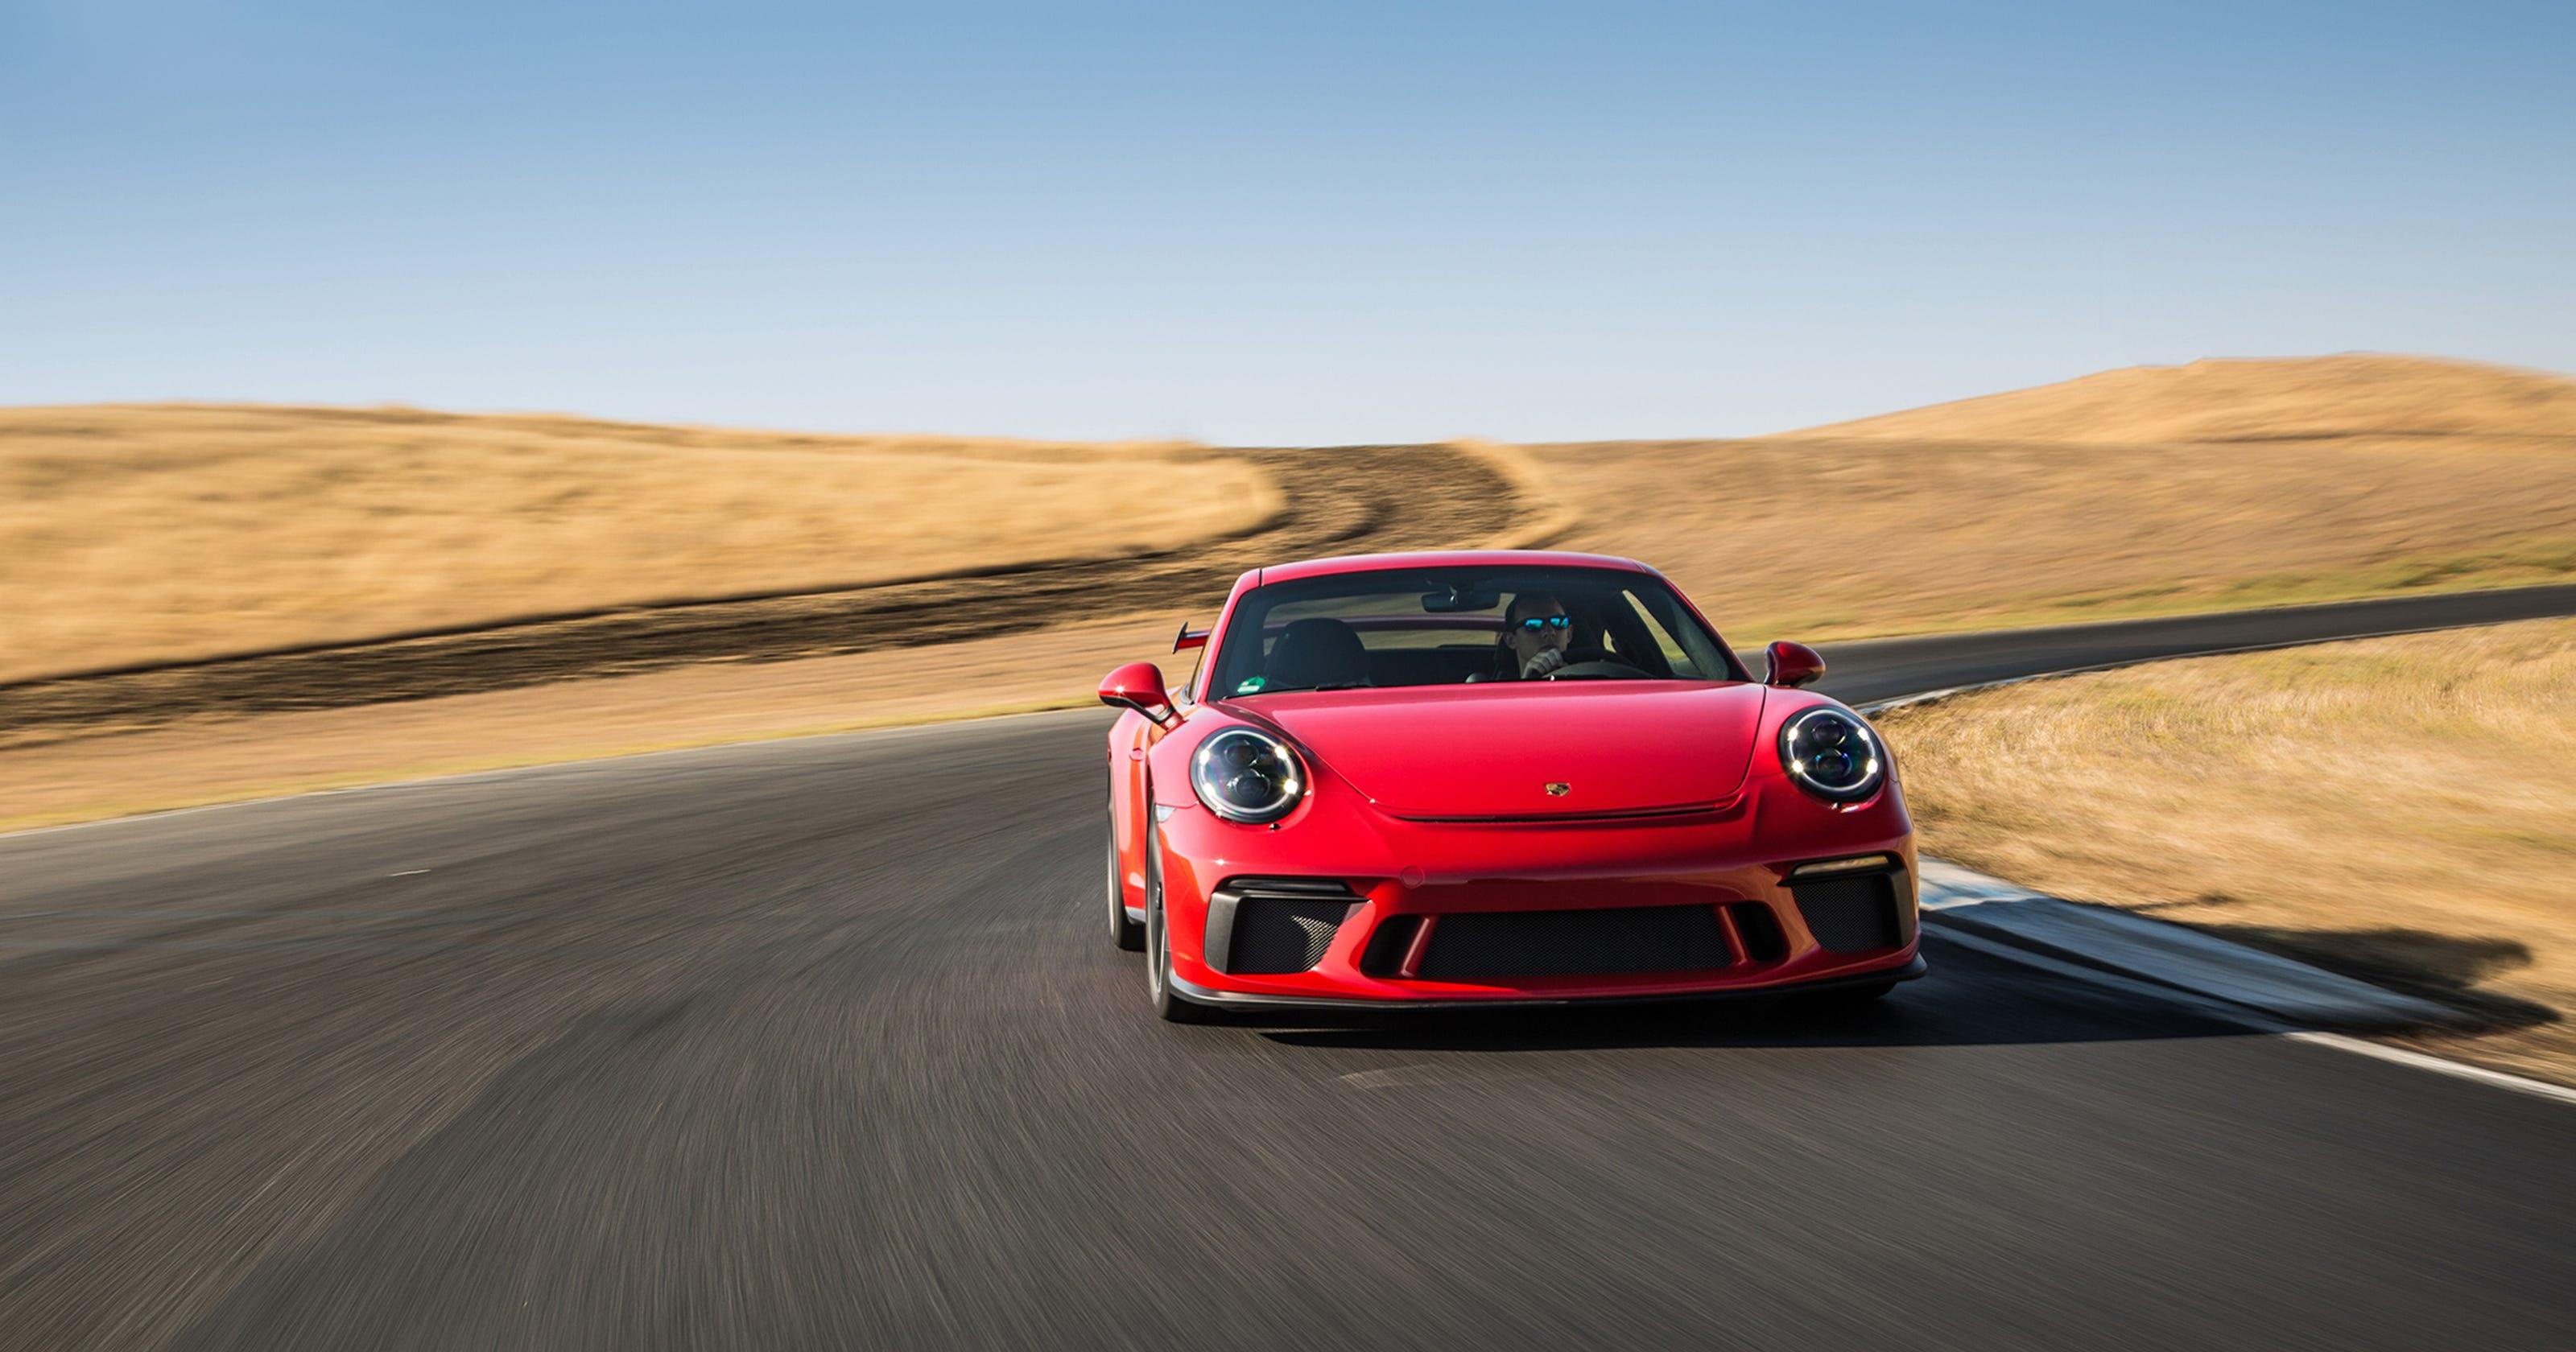 Review: 2018 Porsche 911 GT3, drive it like you stole it